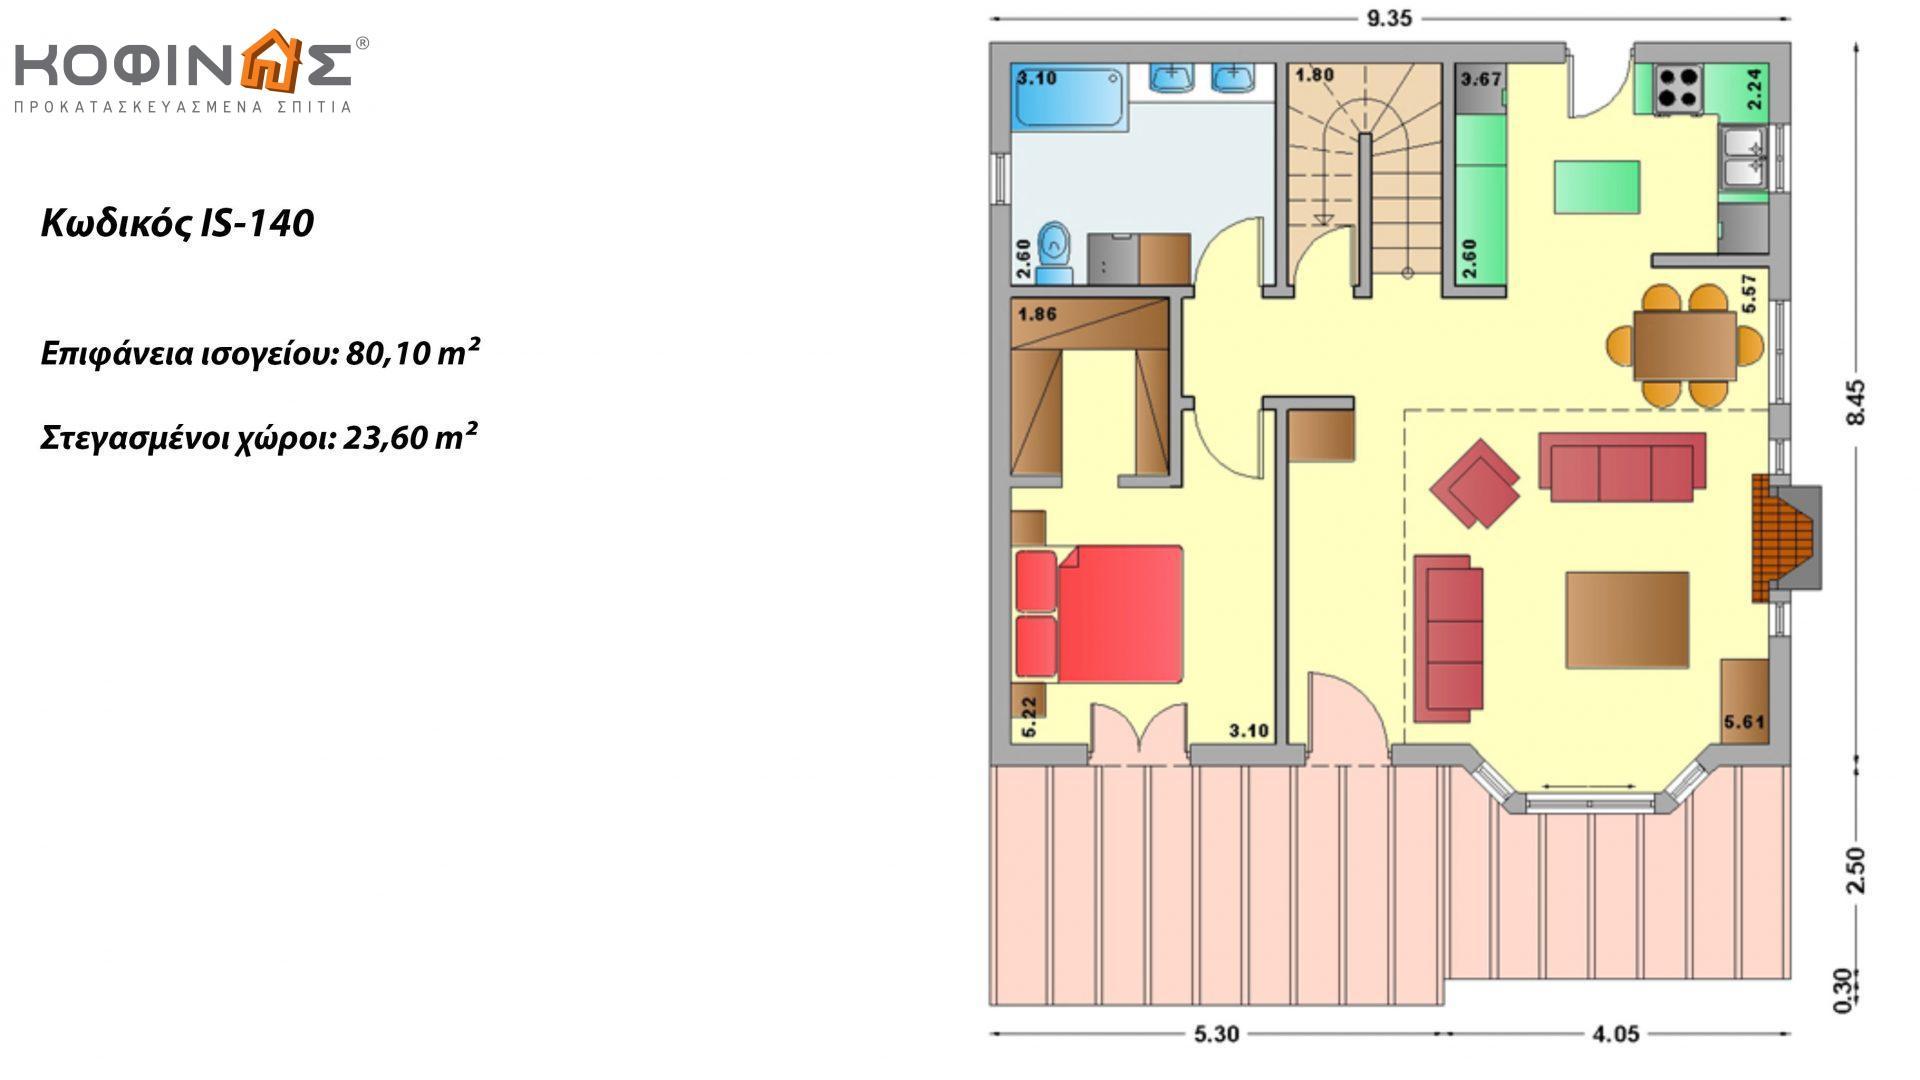 Ισόγεια Κατοικία με Σοφίτα IS-140, συνολικής επιφάνειας 140,00 τ.μ., συνολική επιφάνεια στεγασμένων χώρων 23,60 τ.μ.